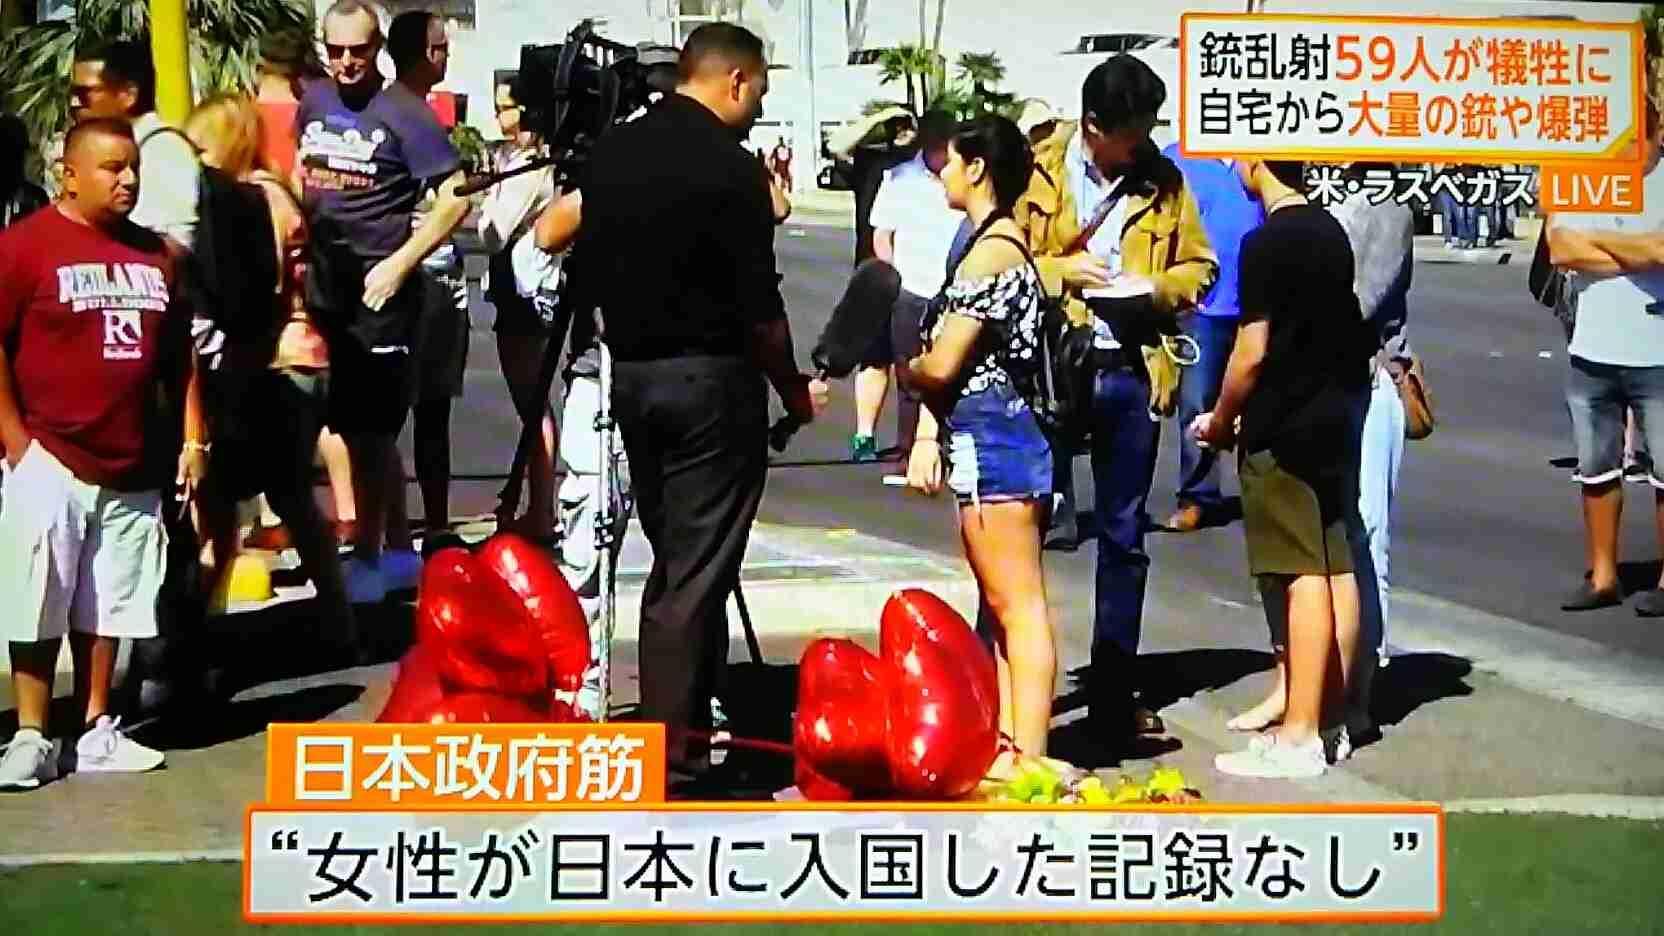 ラスベガス銃乱射容疑者の交際相手が東京にいるとの現地警察情報「とくダネ!」が伝える